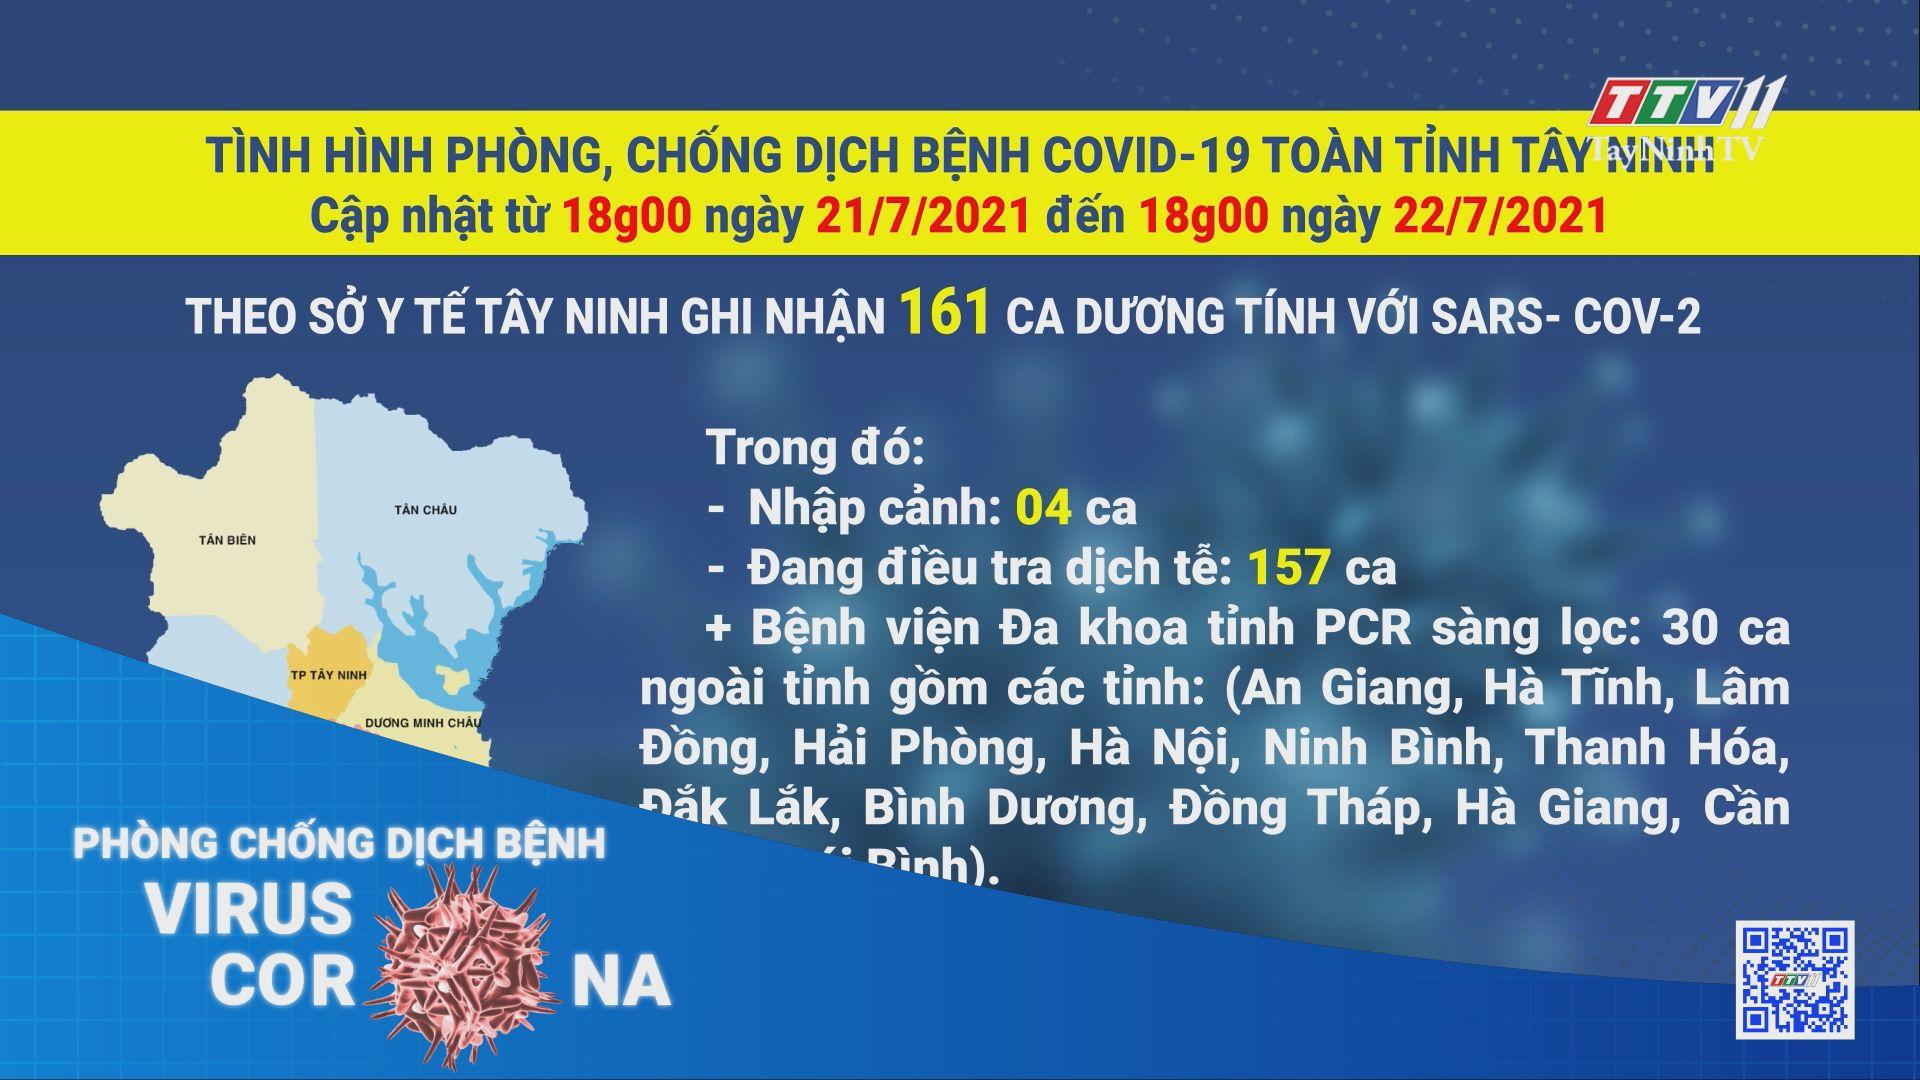 Cập nhật từ 18g00 ngày 21/7/2021 đến 18g00 ngày 22/7/2021   THÔNG TIN DỊCH COVID-19   TayNinhTV